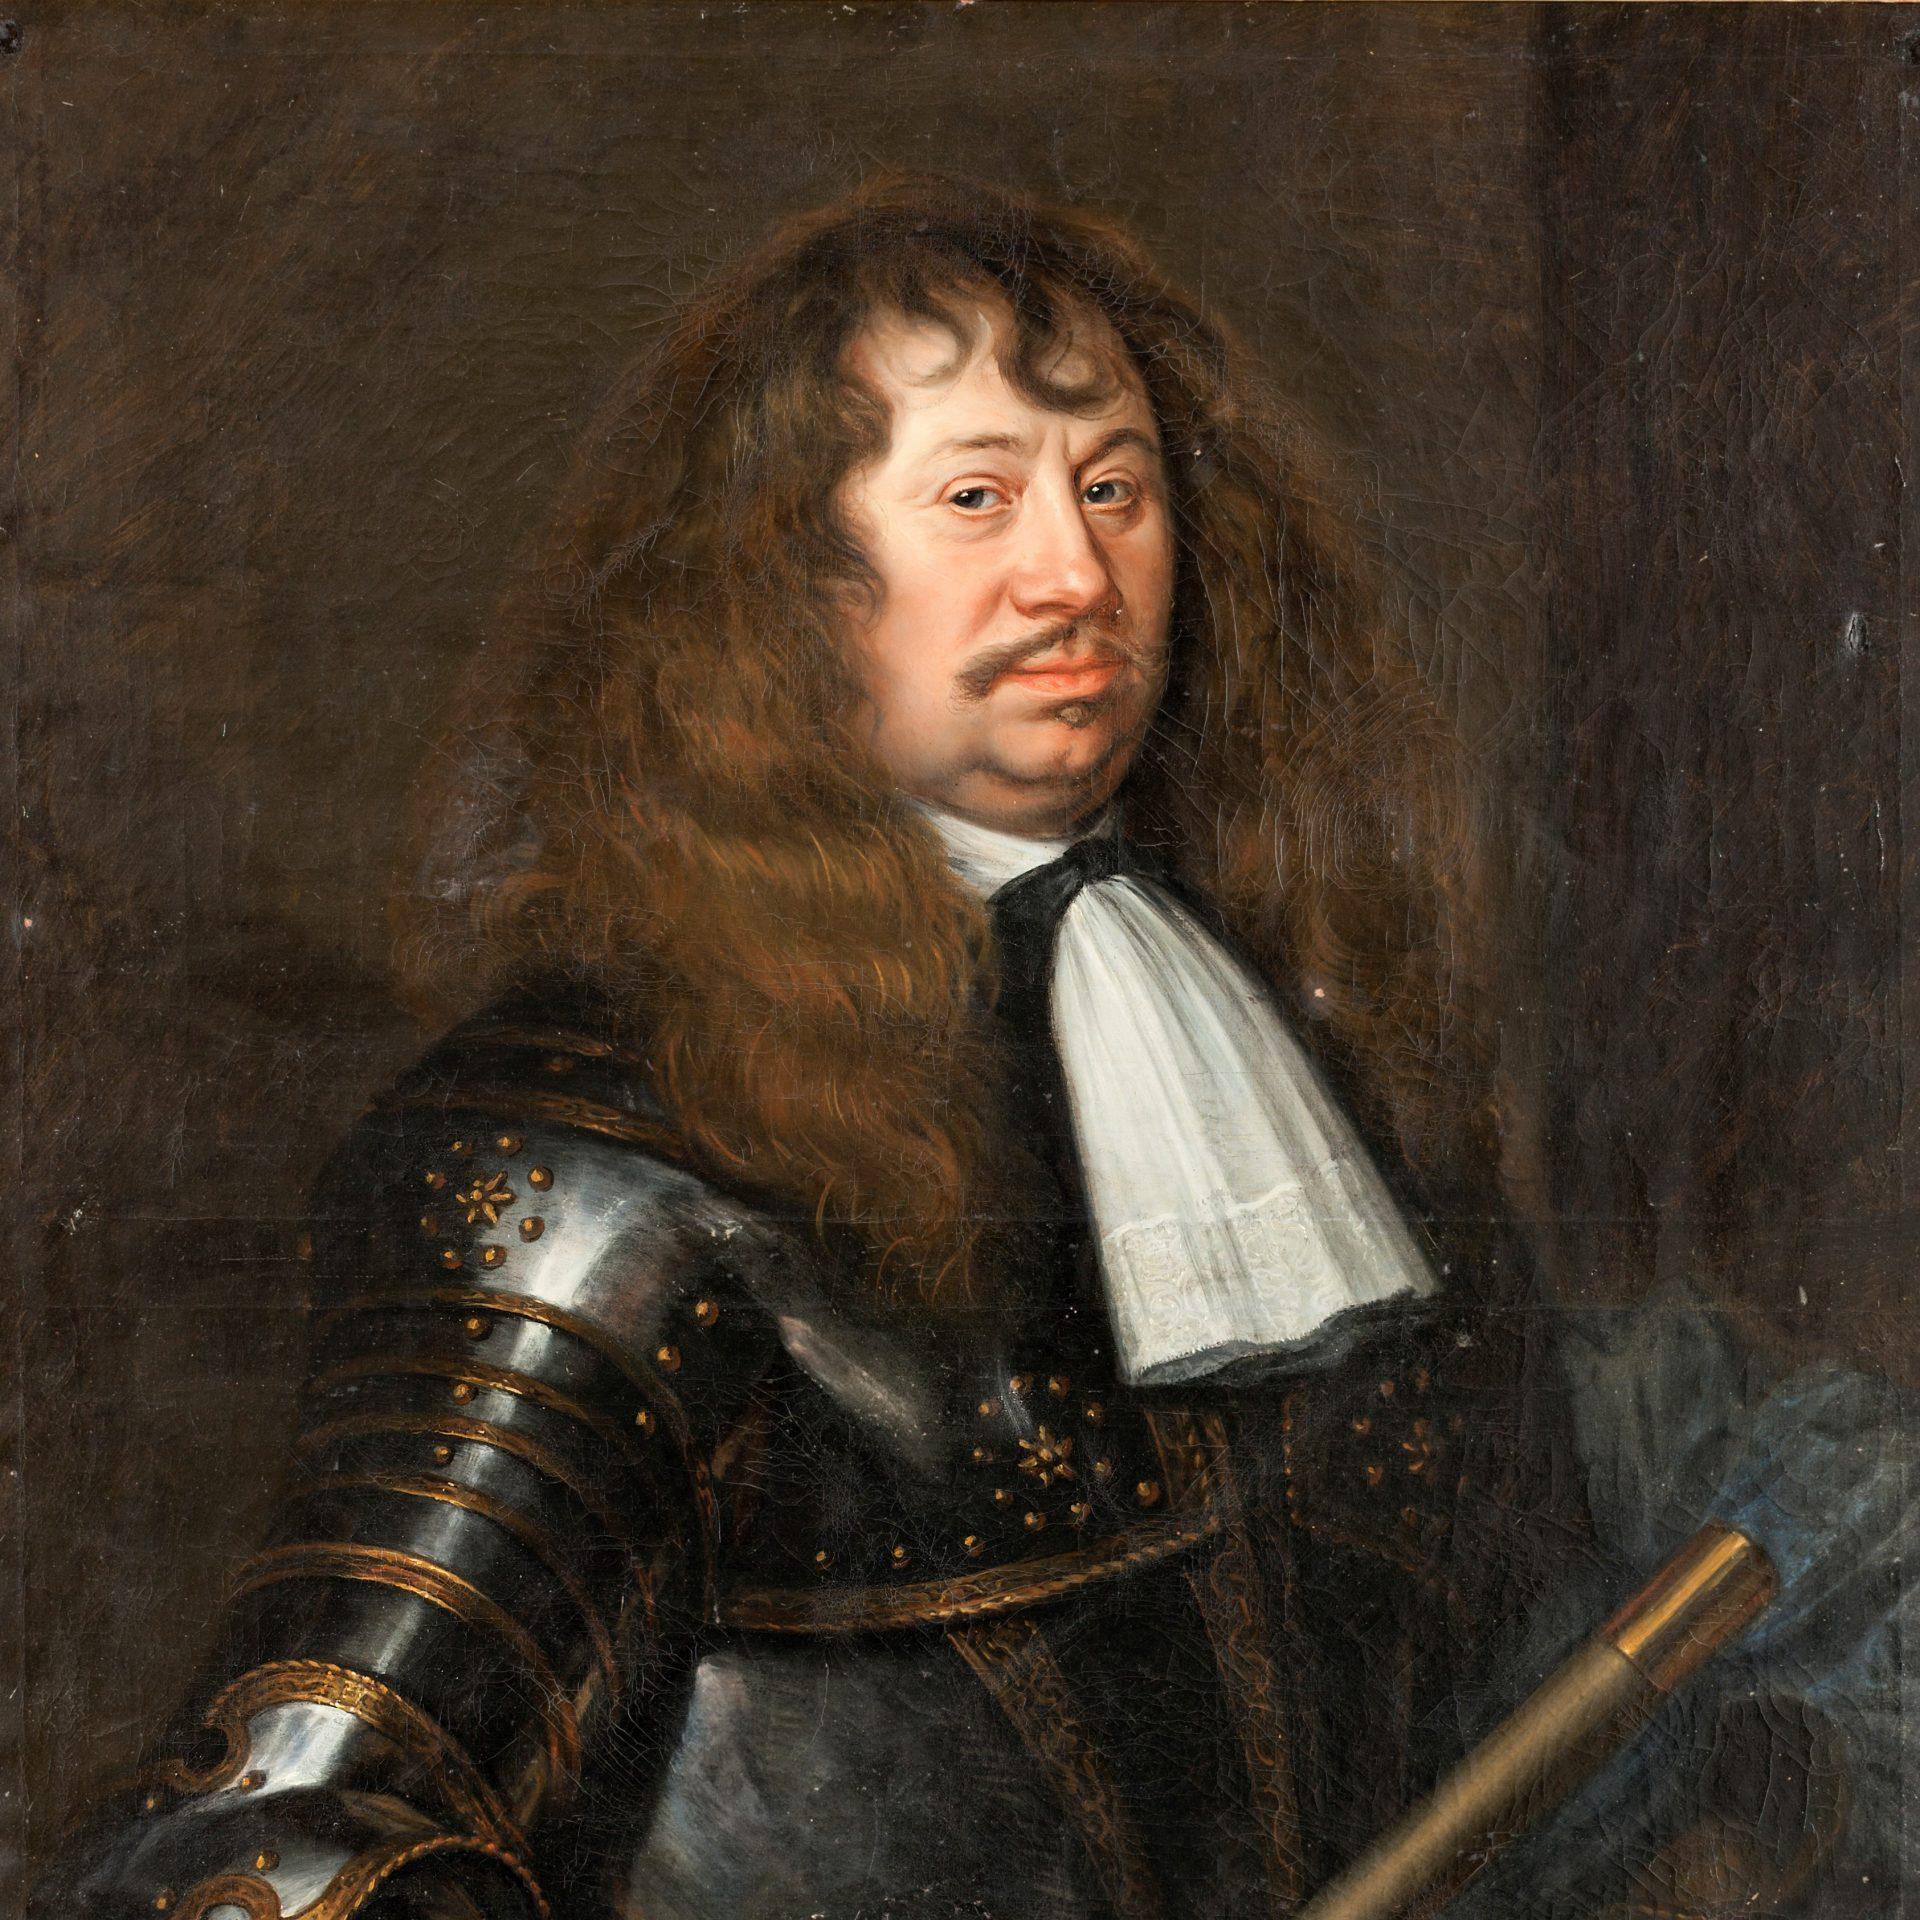 Oljemålning av Matthäus merian den yngre föreställande Carl Gustaf Wrangel.